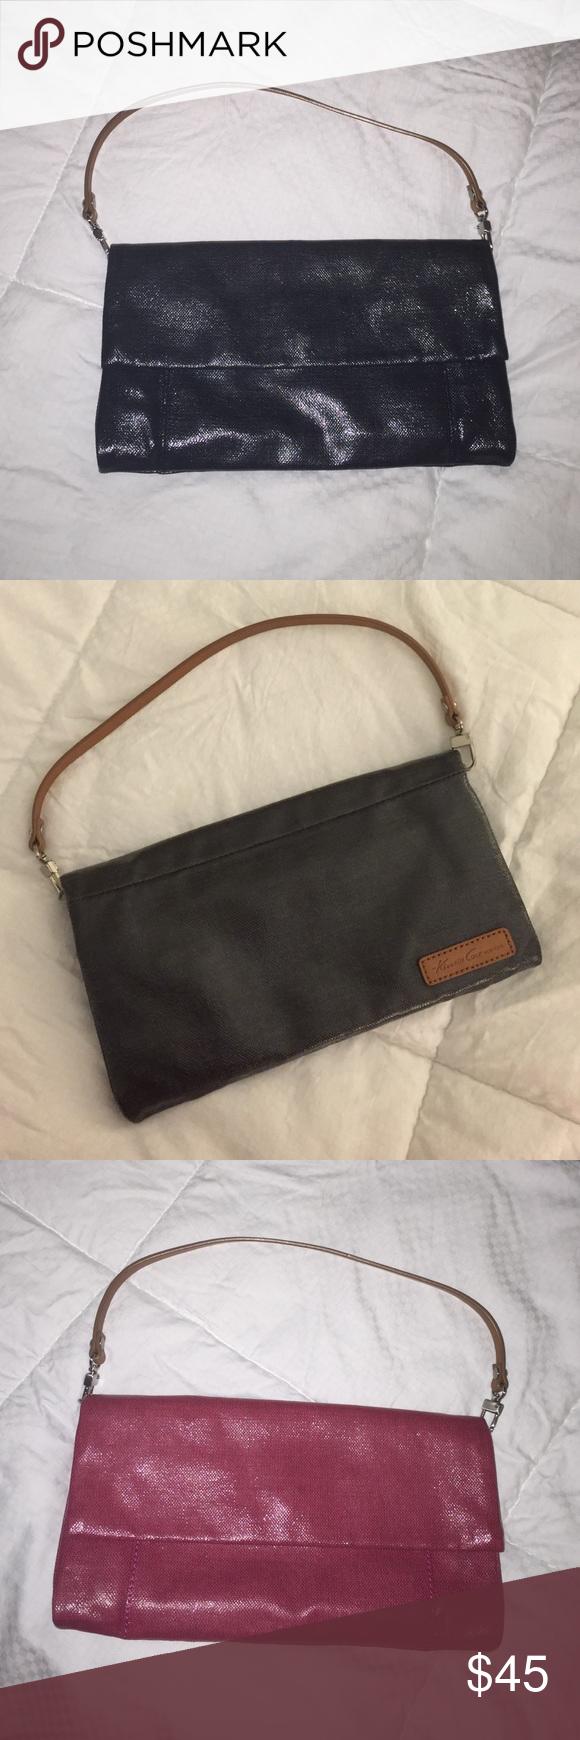 Kenneth Cole Bag Bag Kenneth Cole Bags Shoulder Bags